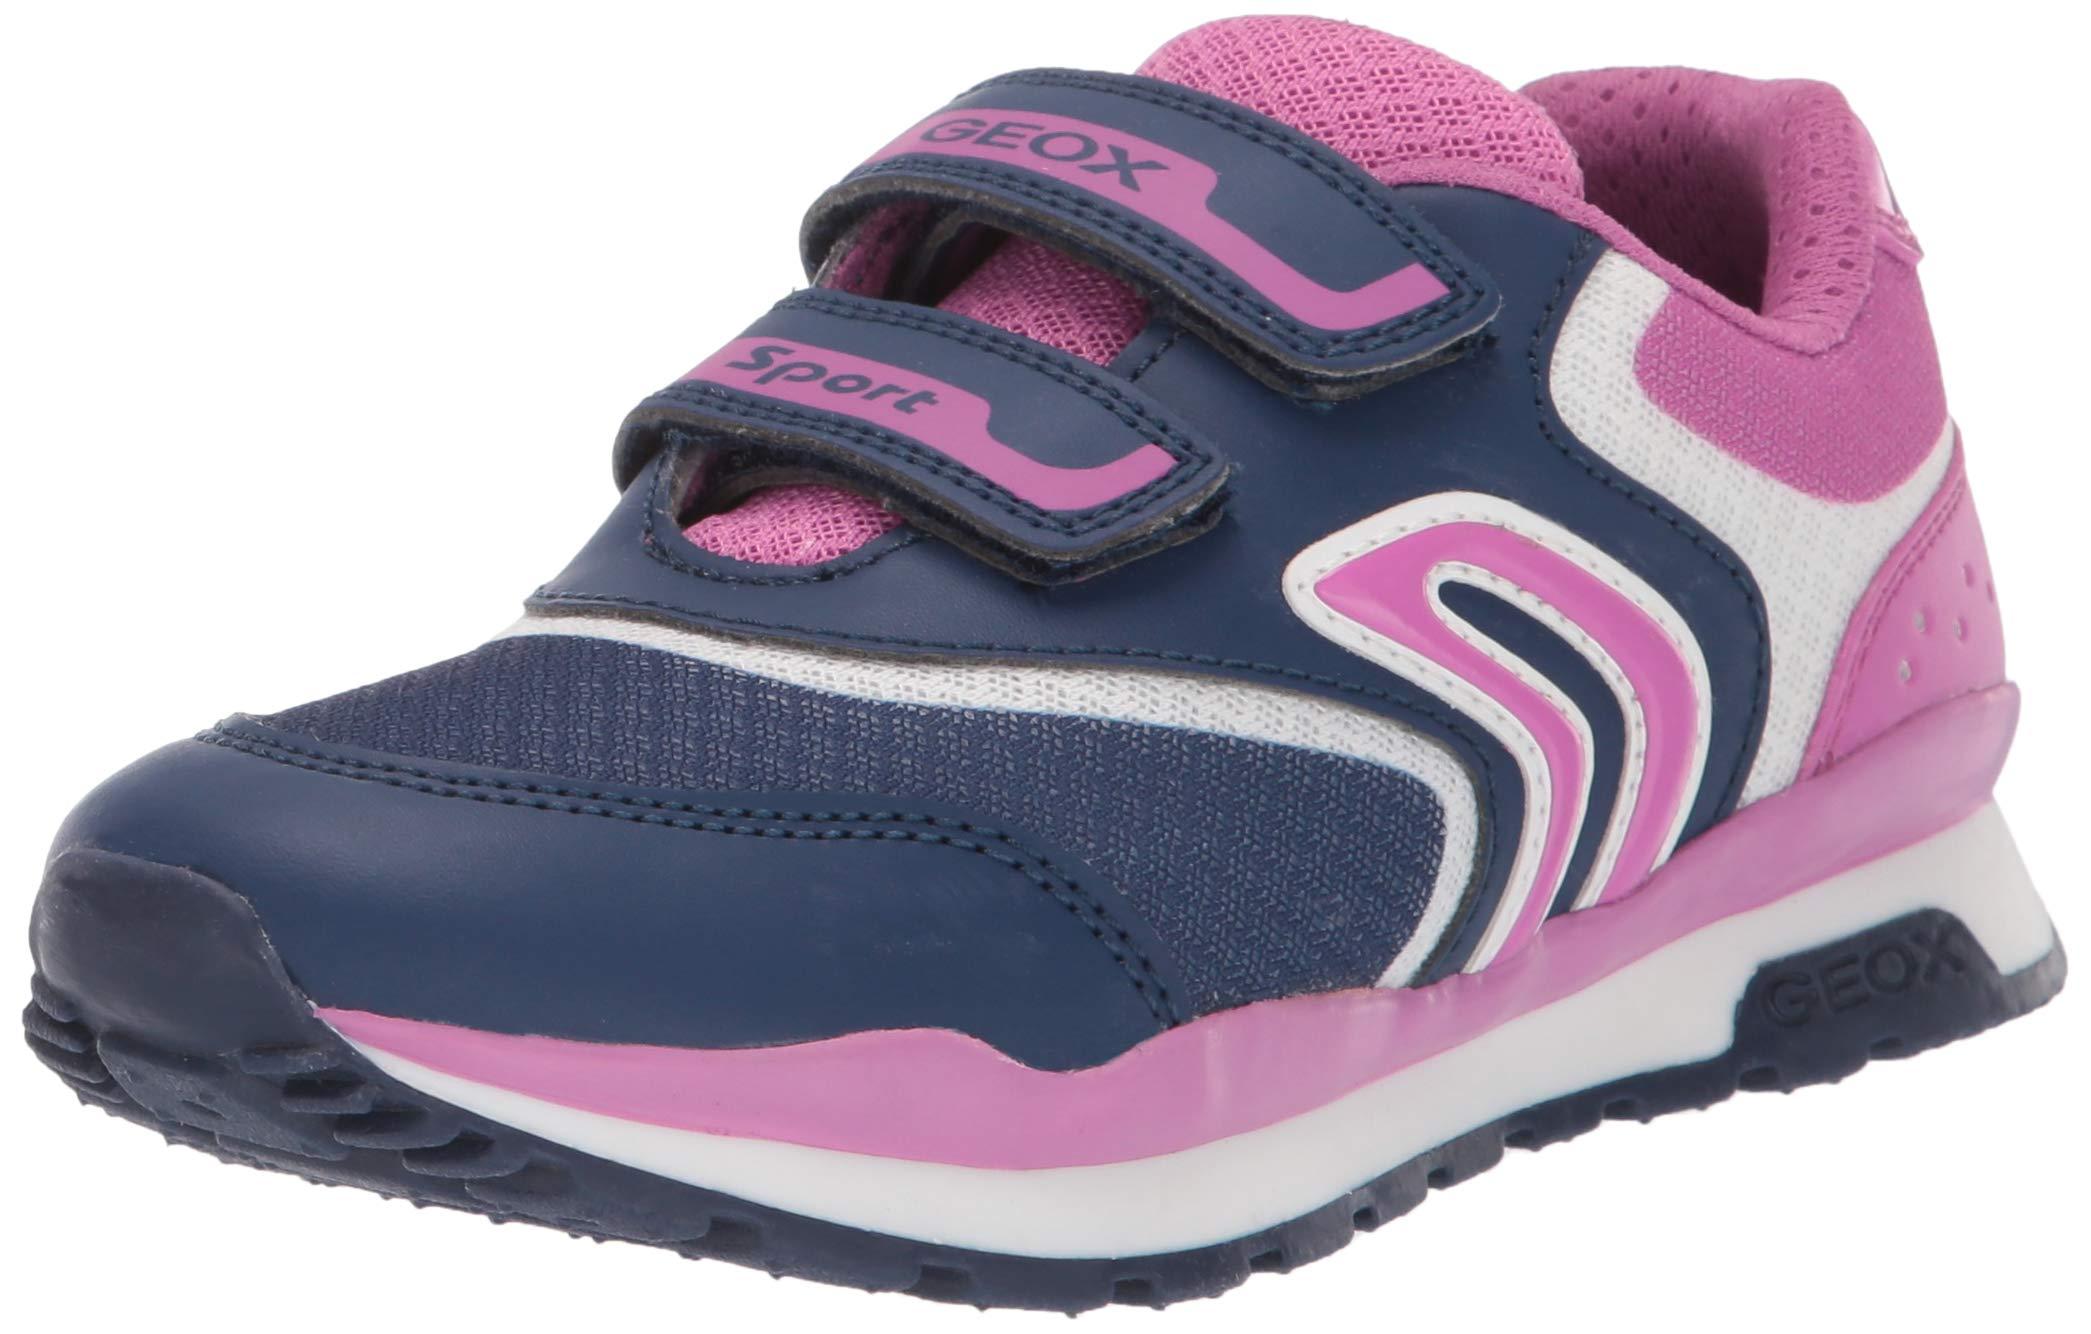 Geox J Pavel Girl A, Zapatillas para Niñas product image